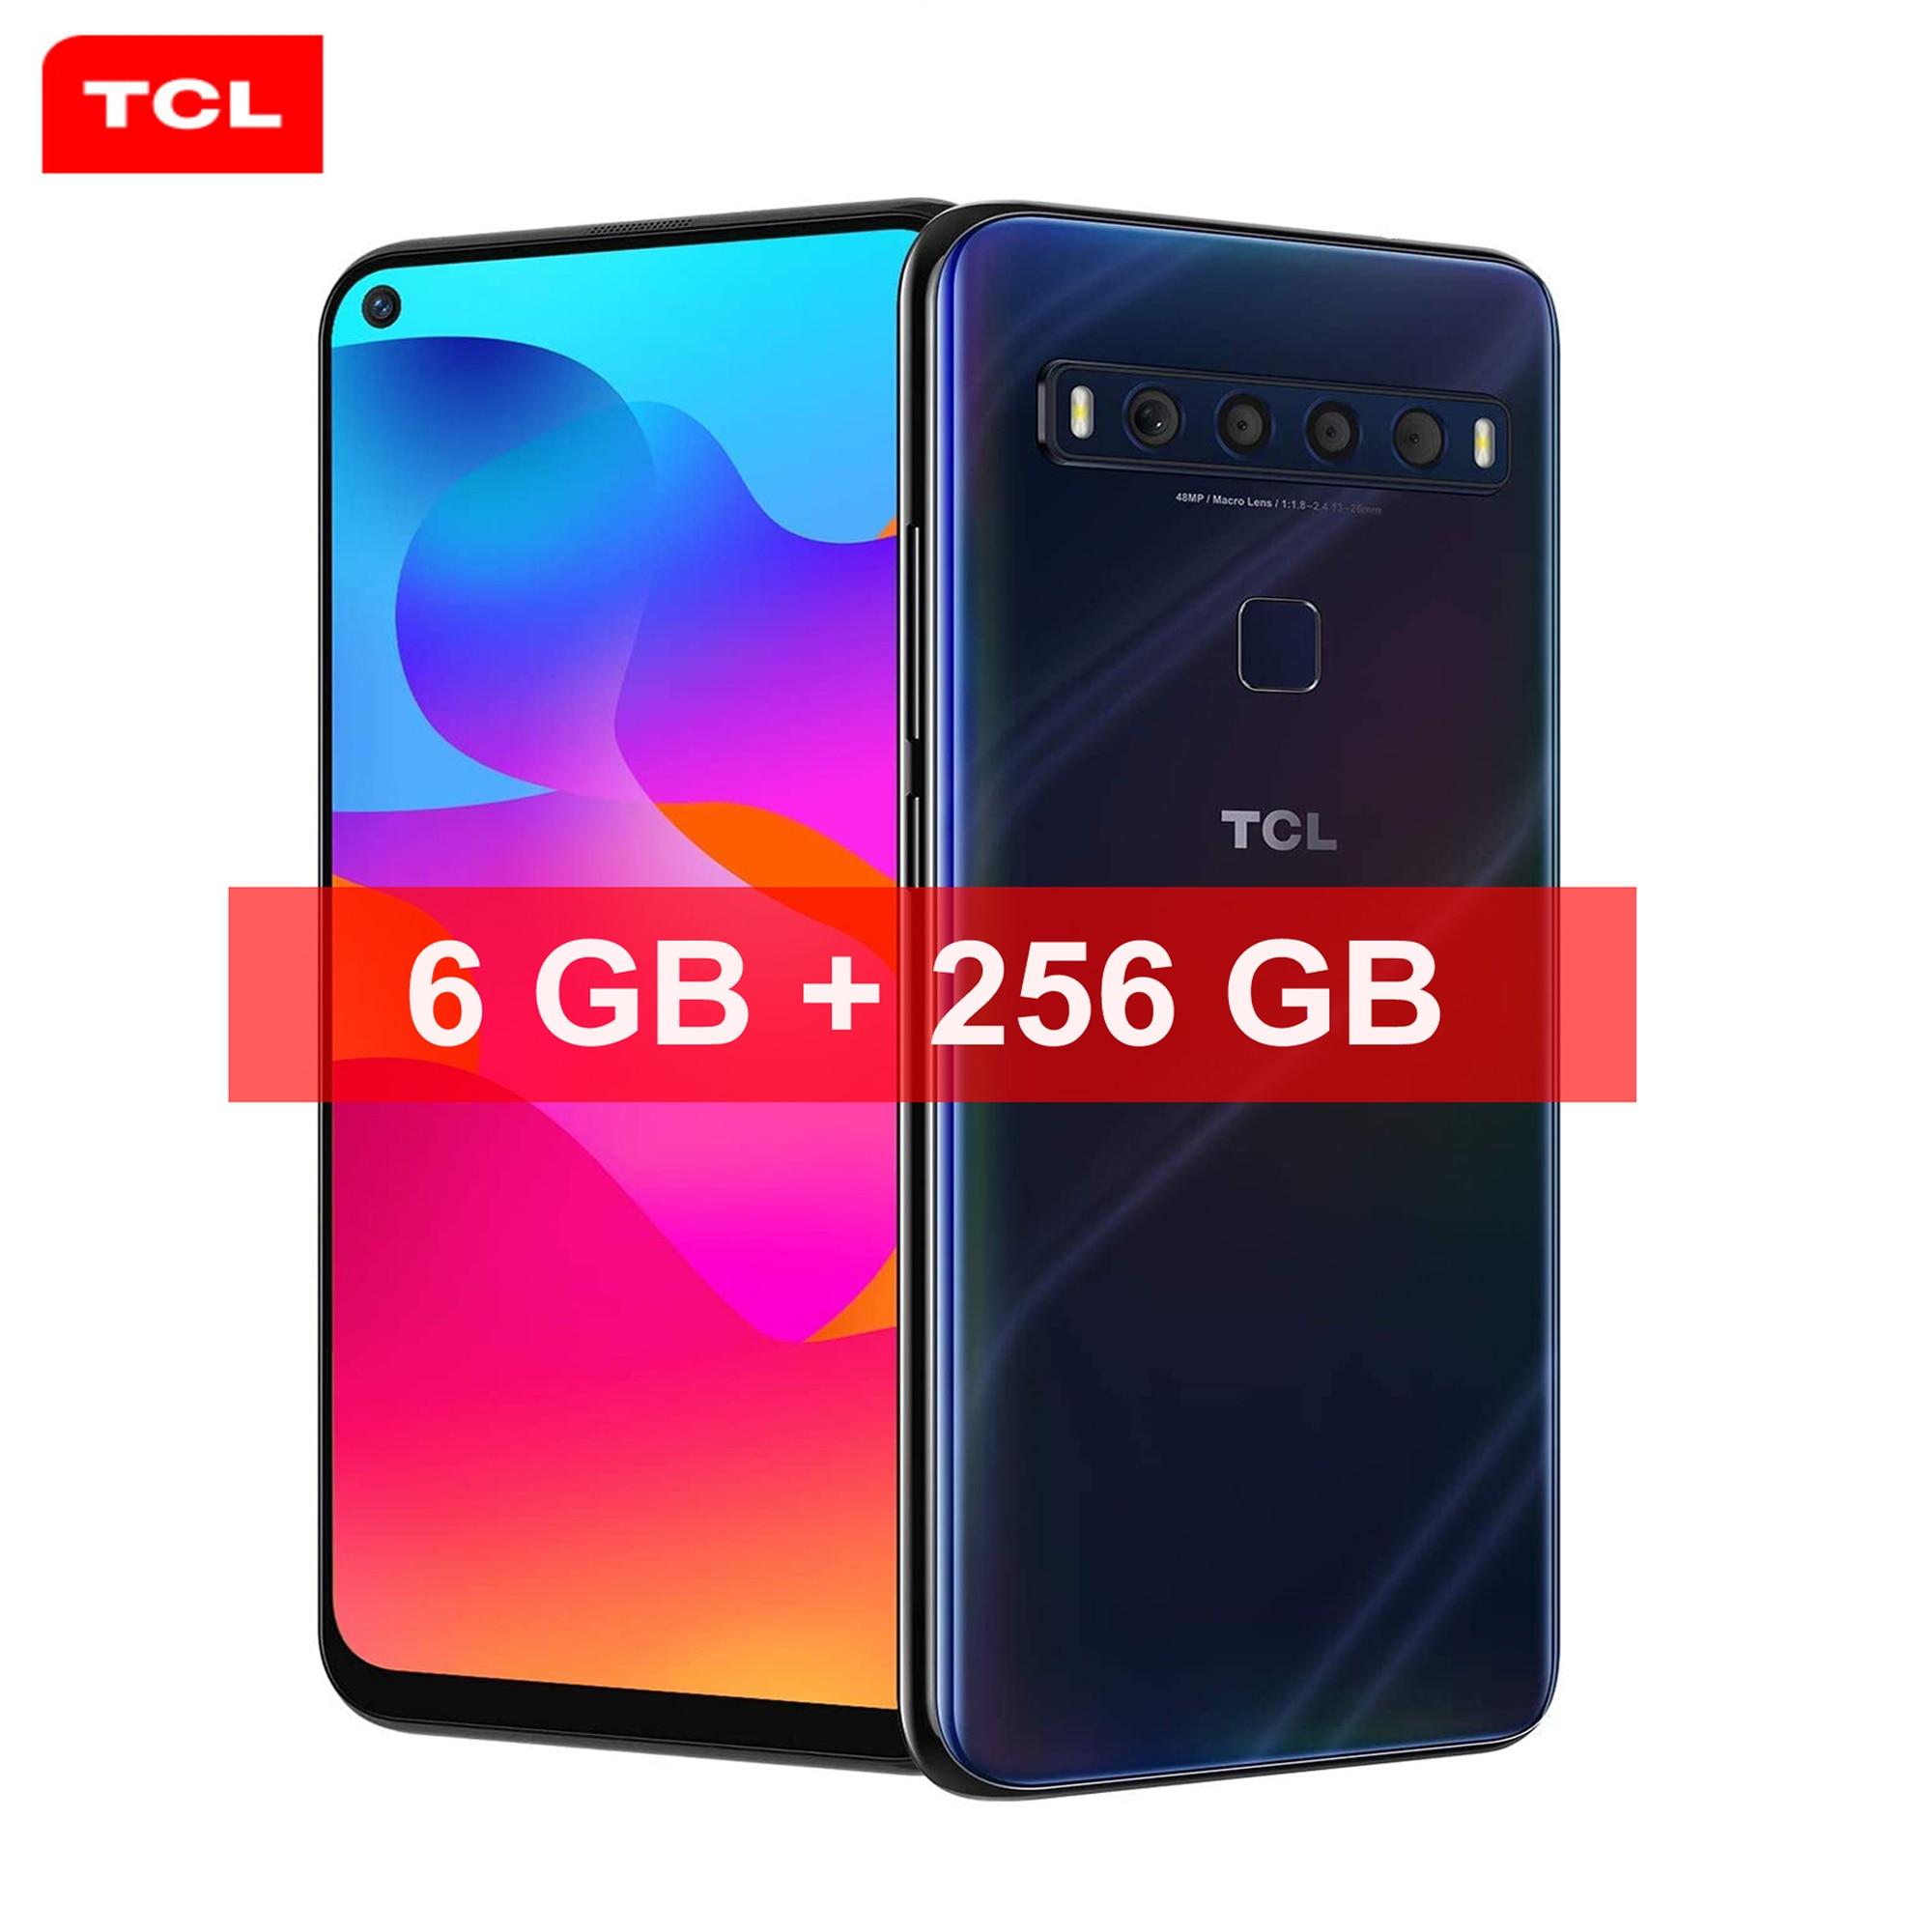 TCL 10L глобальная версия сотовые телефоны разблокирован смартфон 6 ГБ Оперативная память 256 ГБ Встроенная память мобильных телефонов устройс...